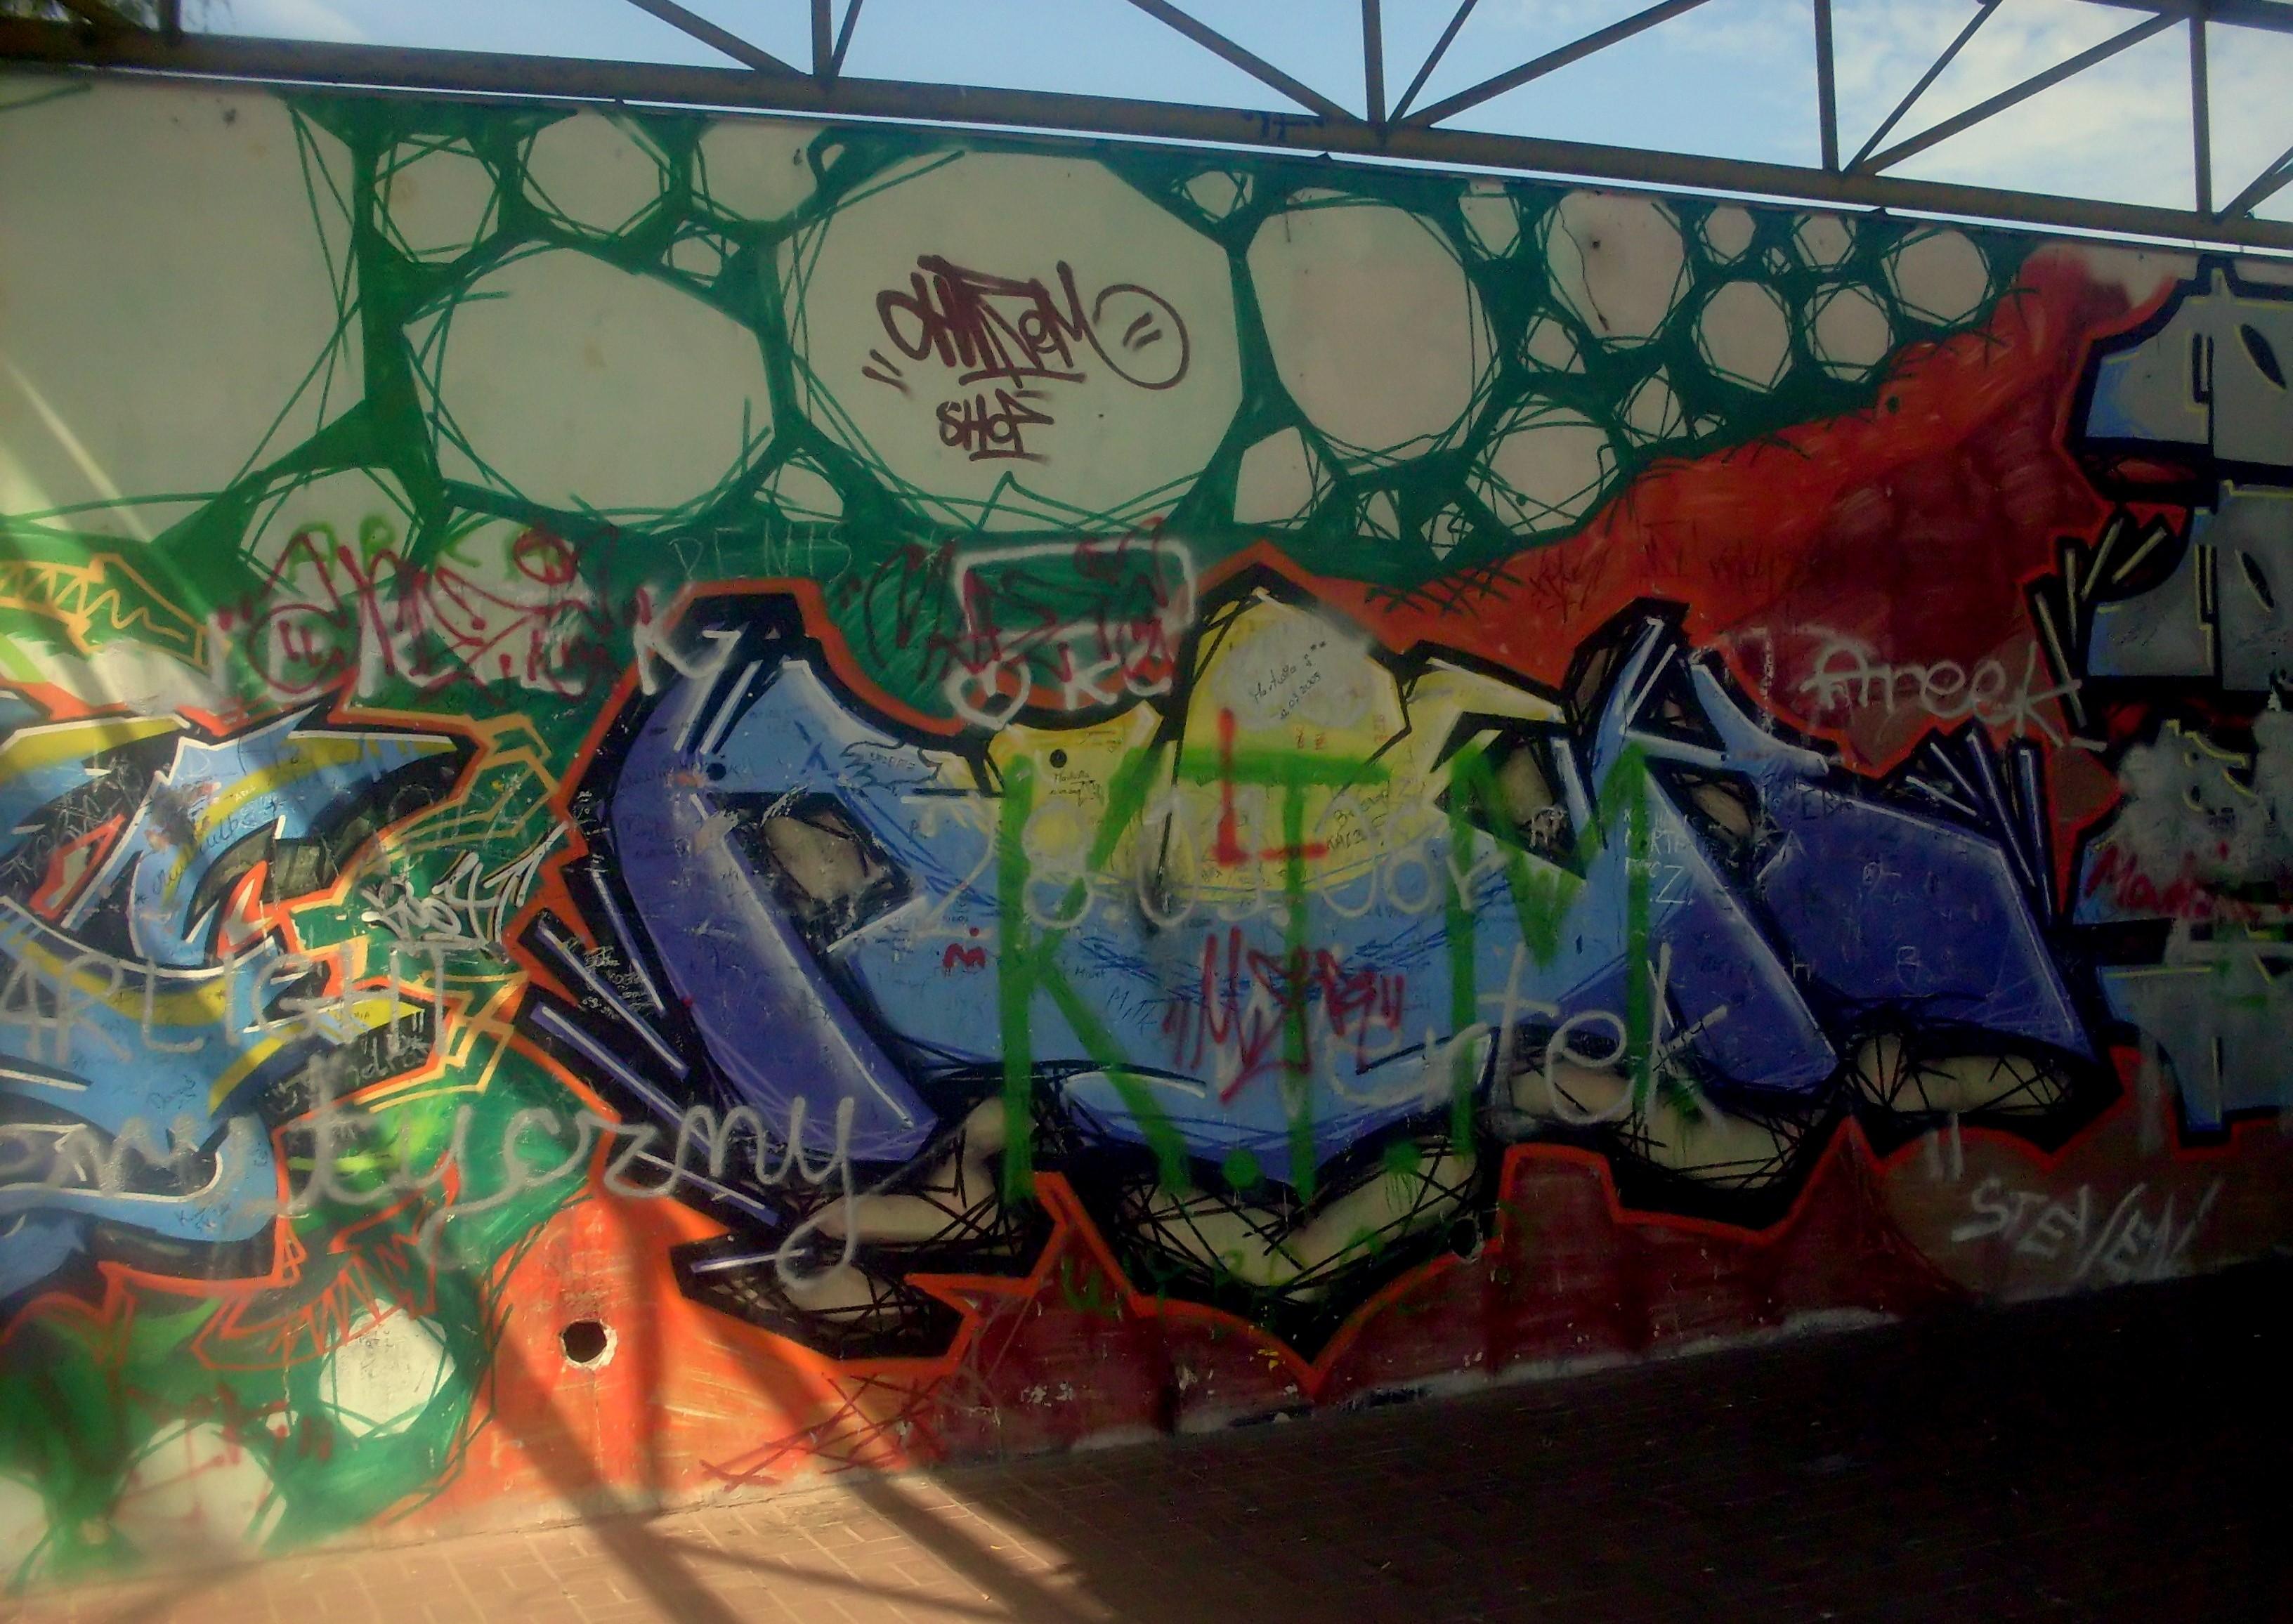 Filegraffiti at city park in gdynia obluze 3 jpg